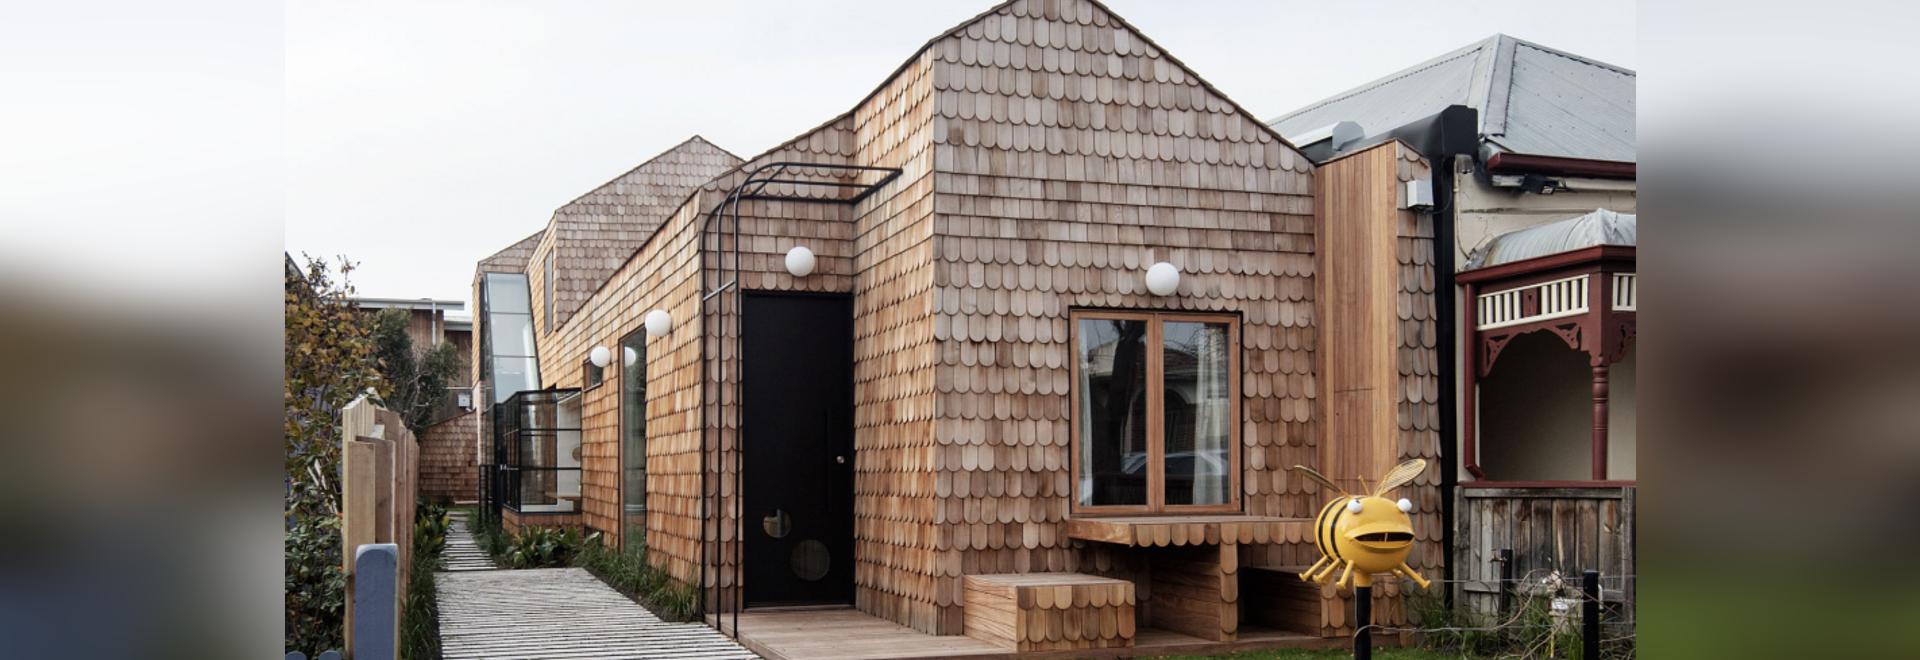 Cette nouvelle maison recouverte de bardeaux ajoute un charme boisé à la rue